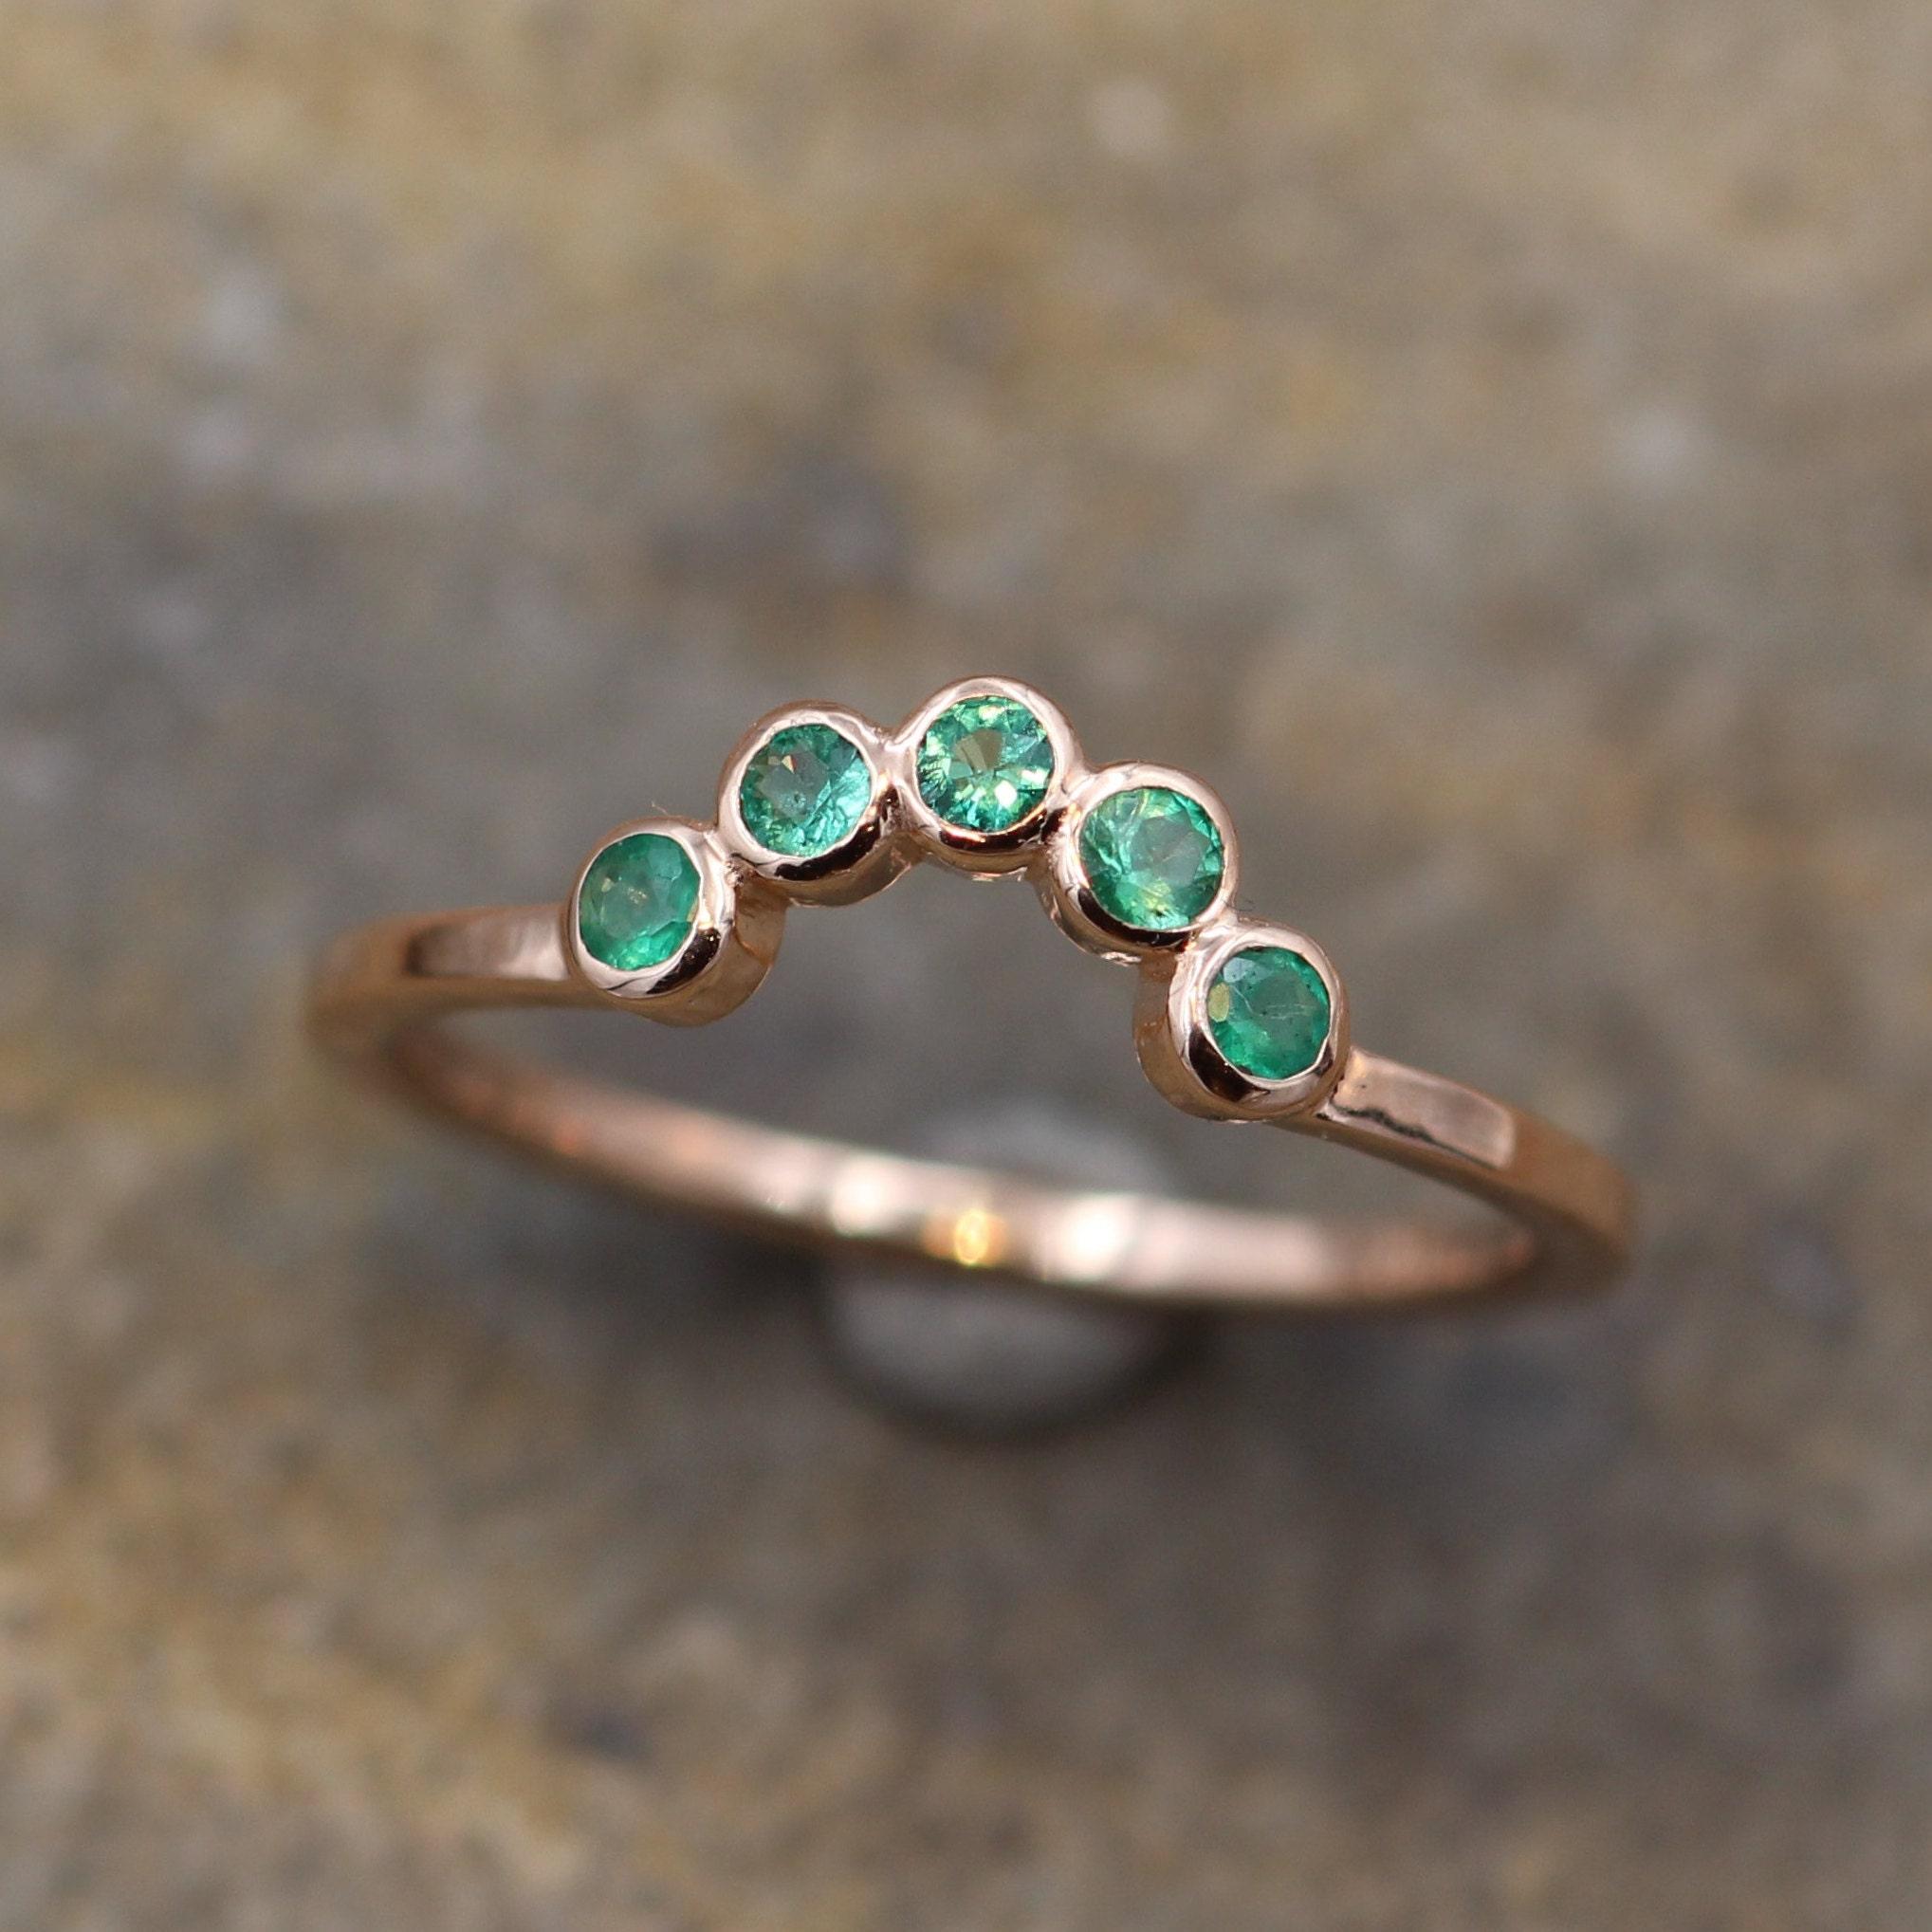 Fashion Jewelry Lots mixtes 10pcs Nature Turquois /& Alliage Charme Anneaux Livraison Gratuite